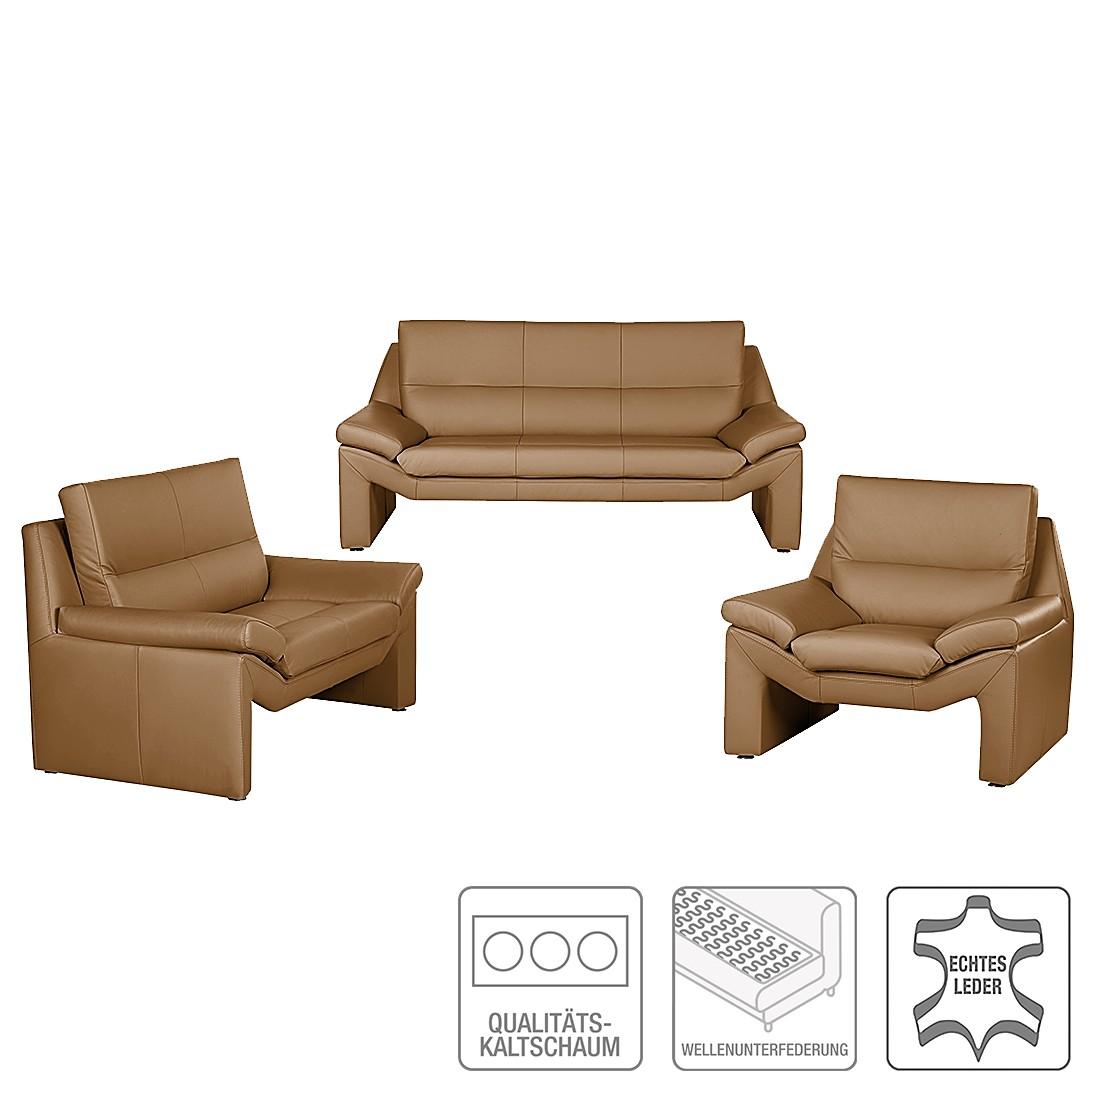 polstergarnitur longford 3 2 1 echtleder cognac nuovoform g nstig. Black Bedroom Furniture Sets. Home Design Ideas